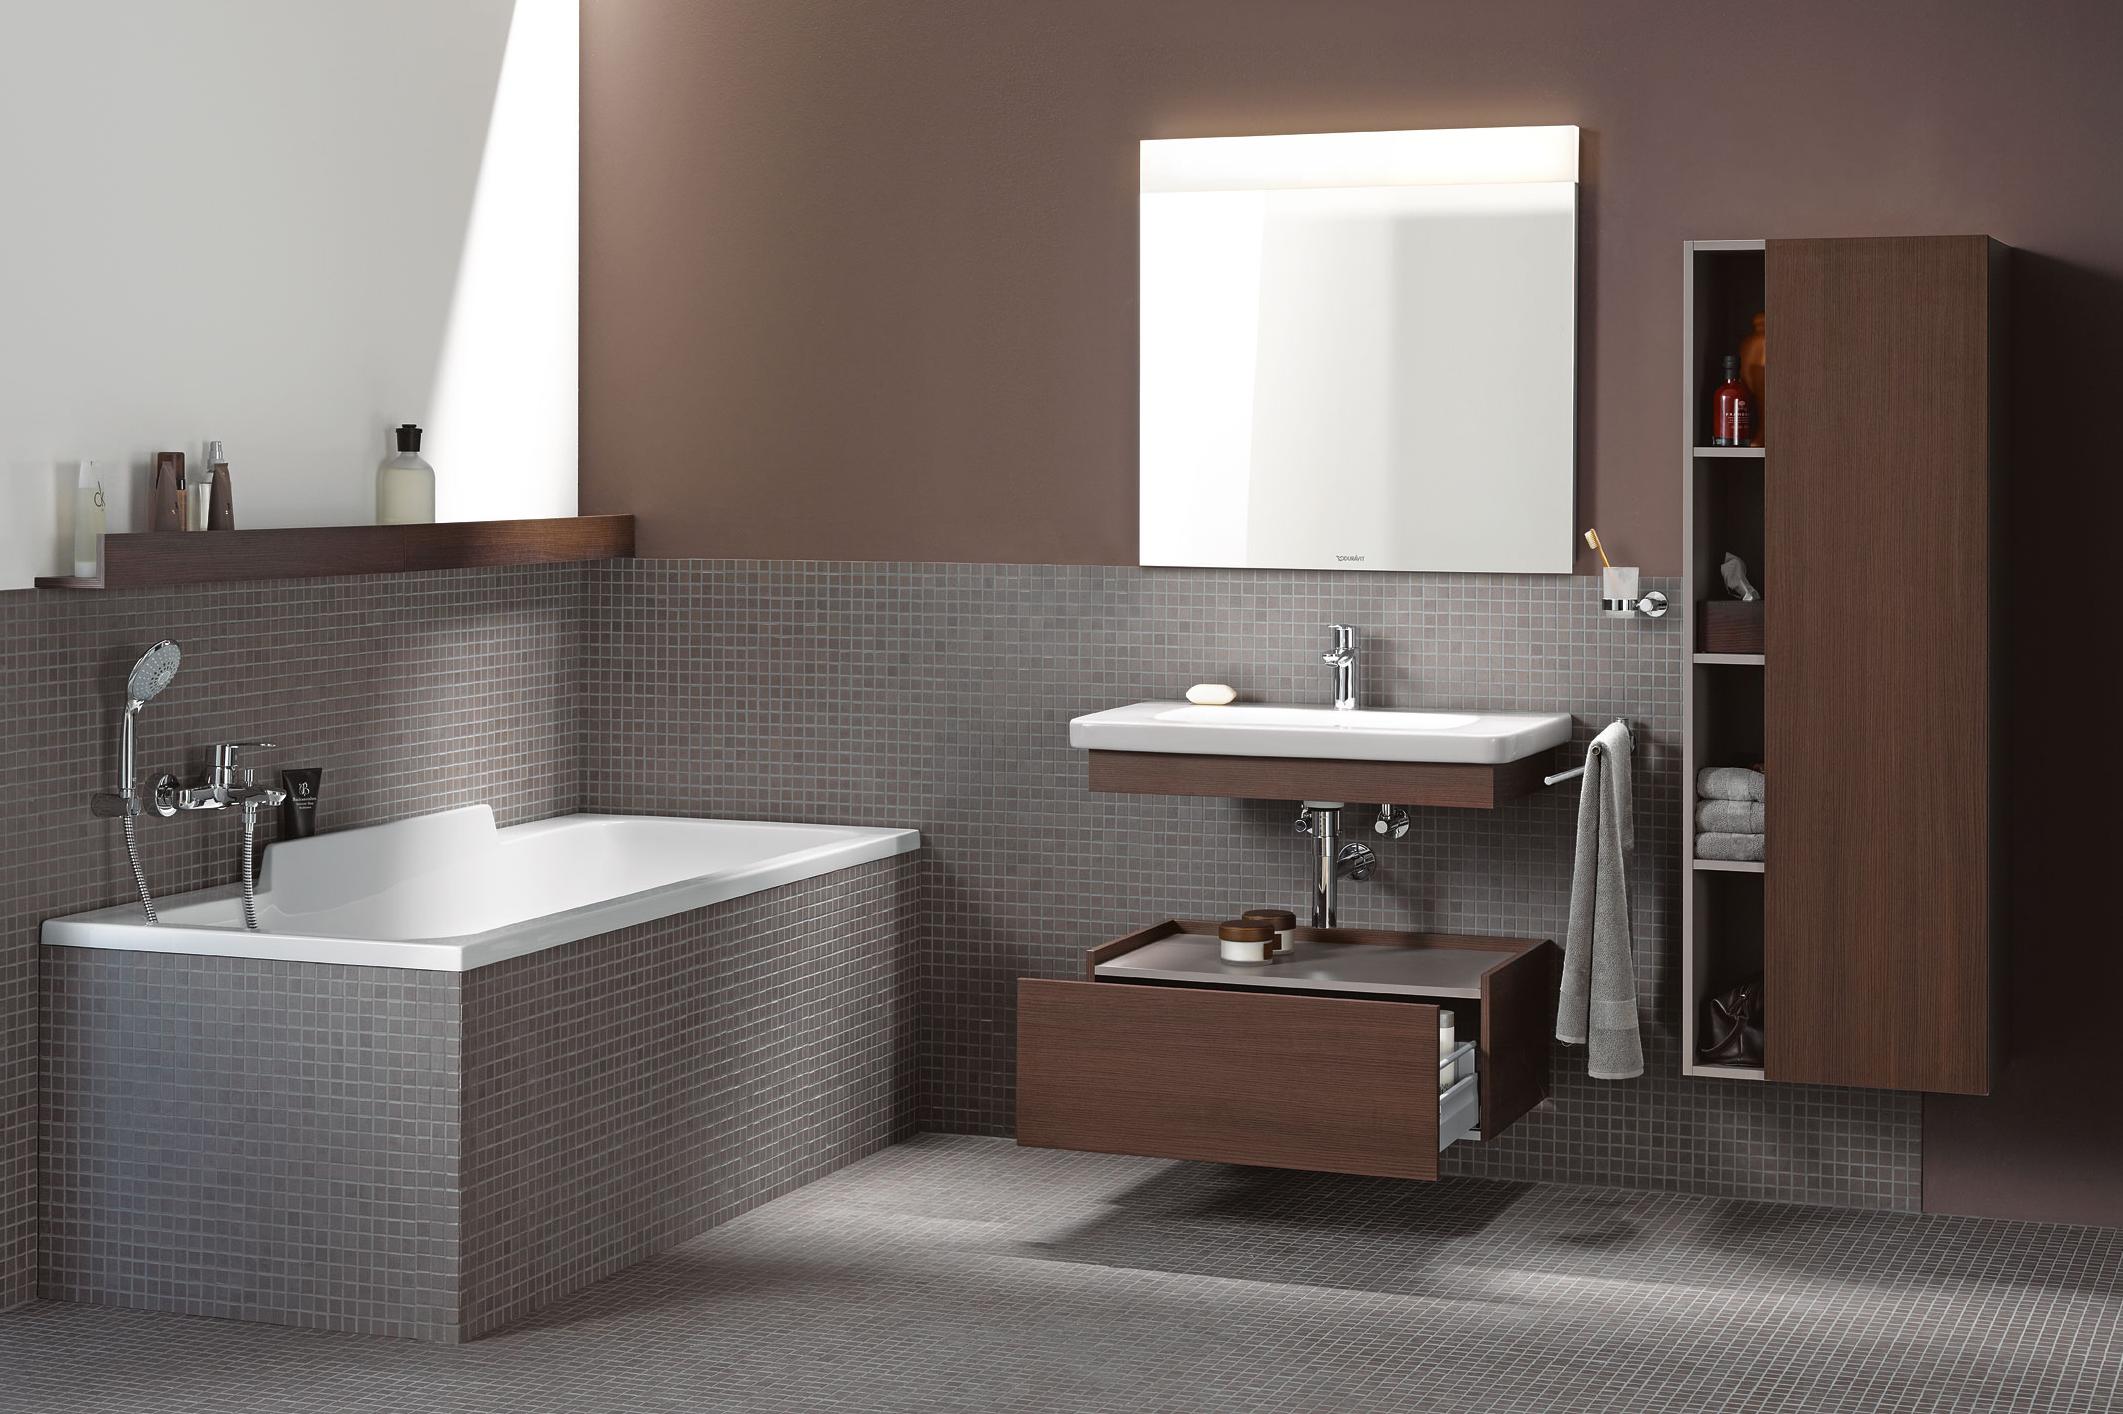 Badkamer Sanitair Belgie : Badkamer meubels van duravit duravit